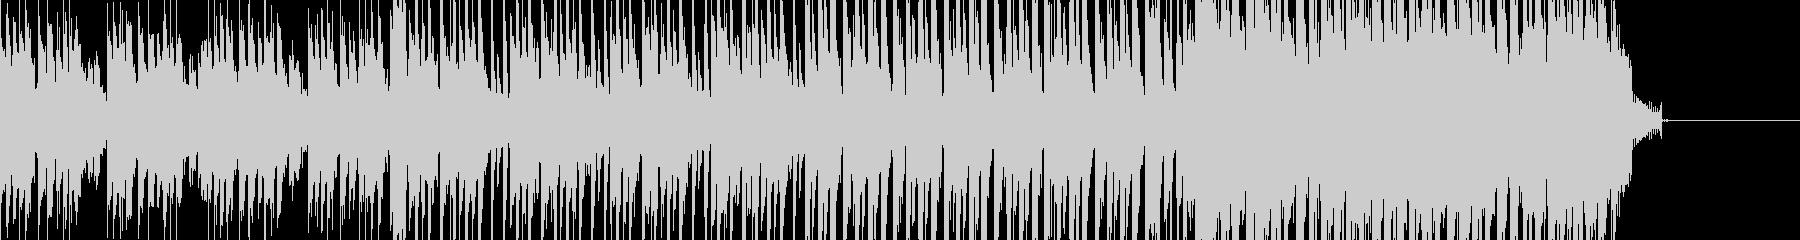 バトル:ダーク テクノ/デジロック60秒の未再生の波形